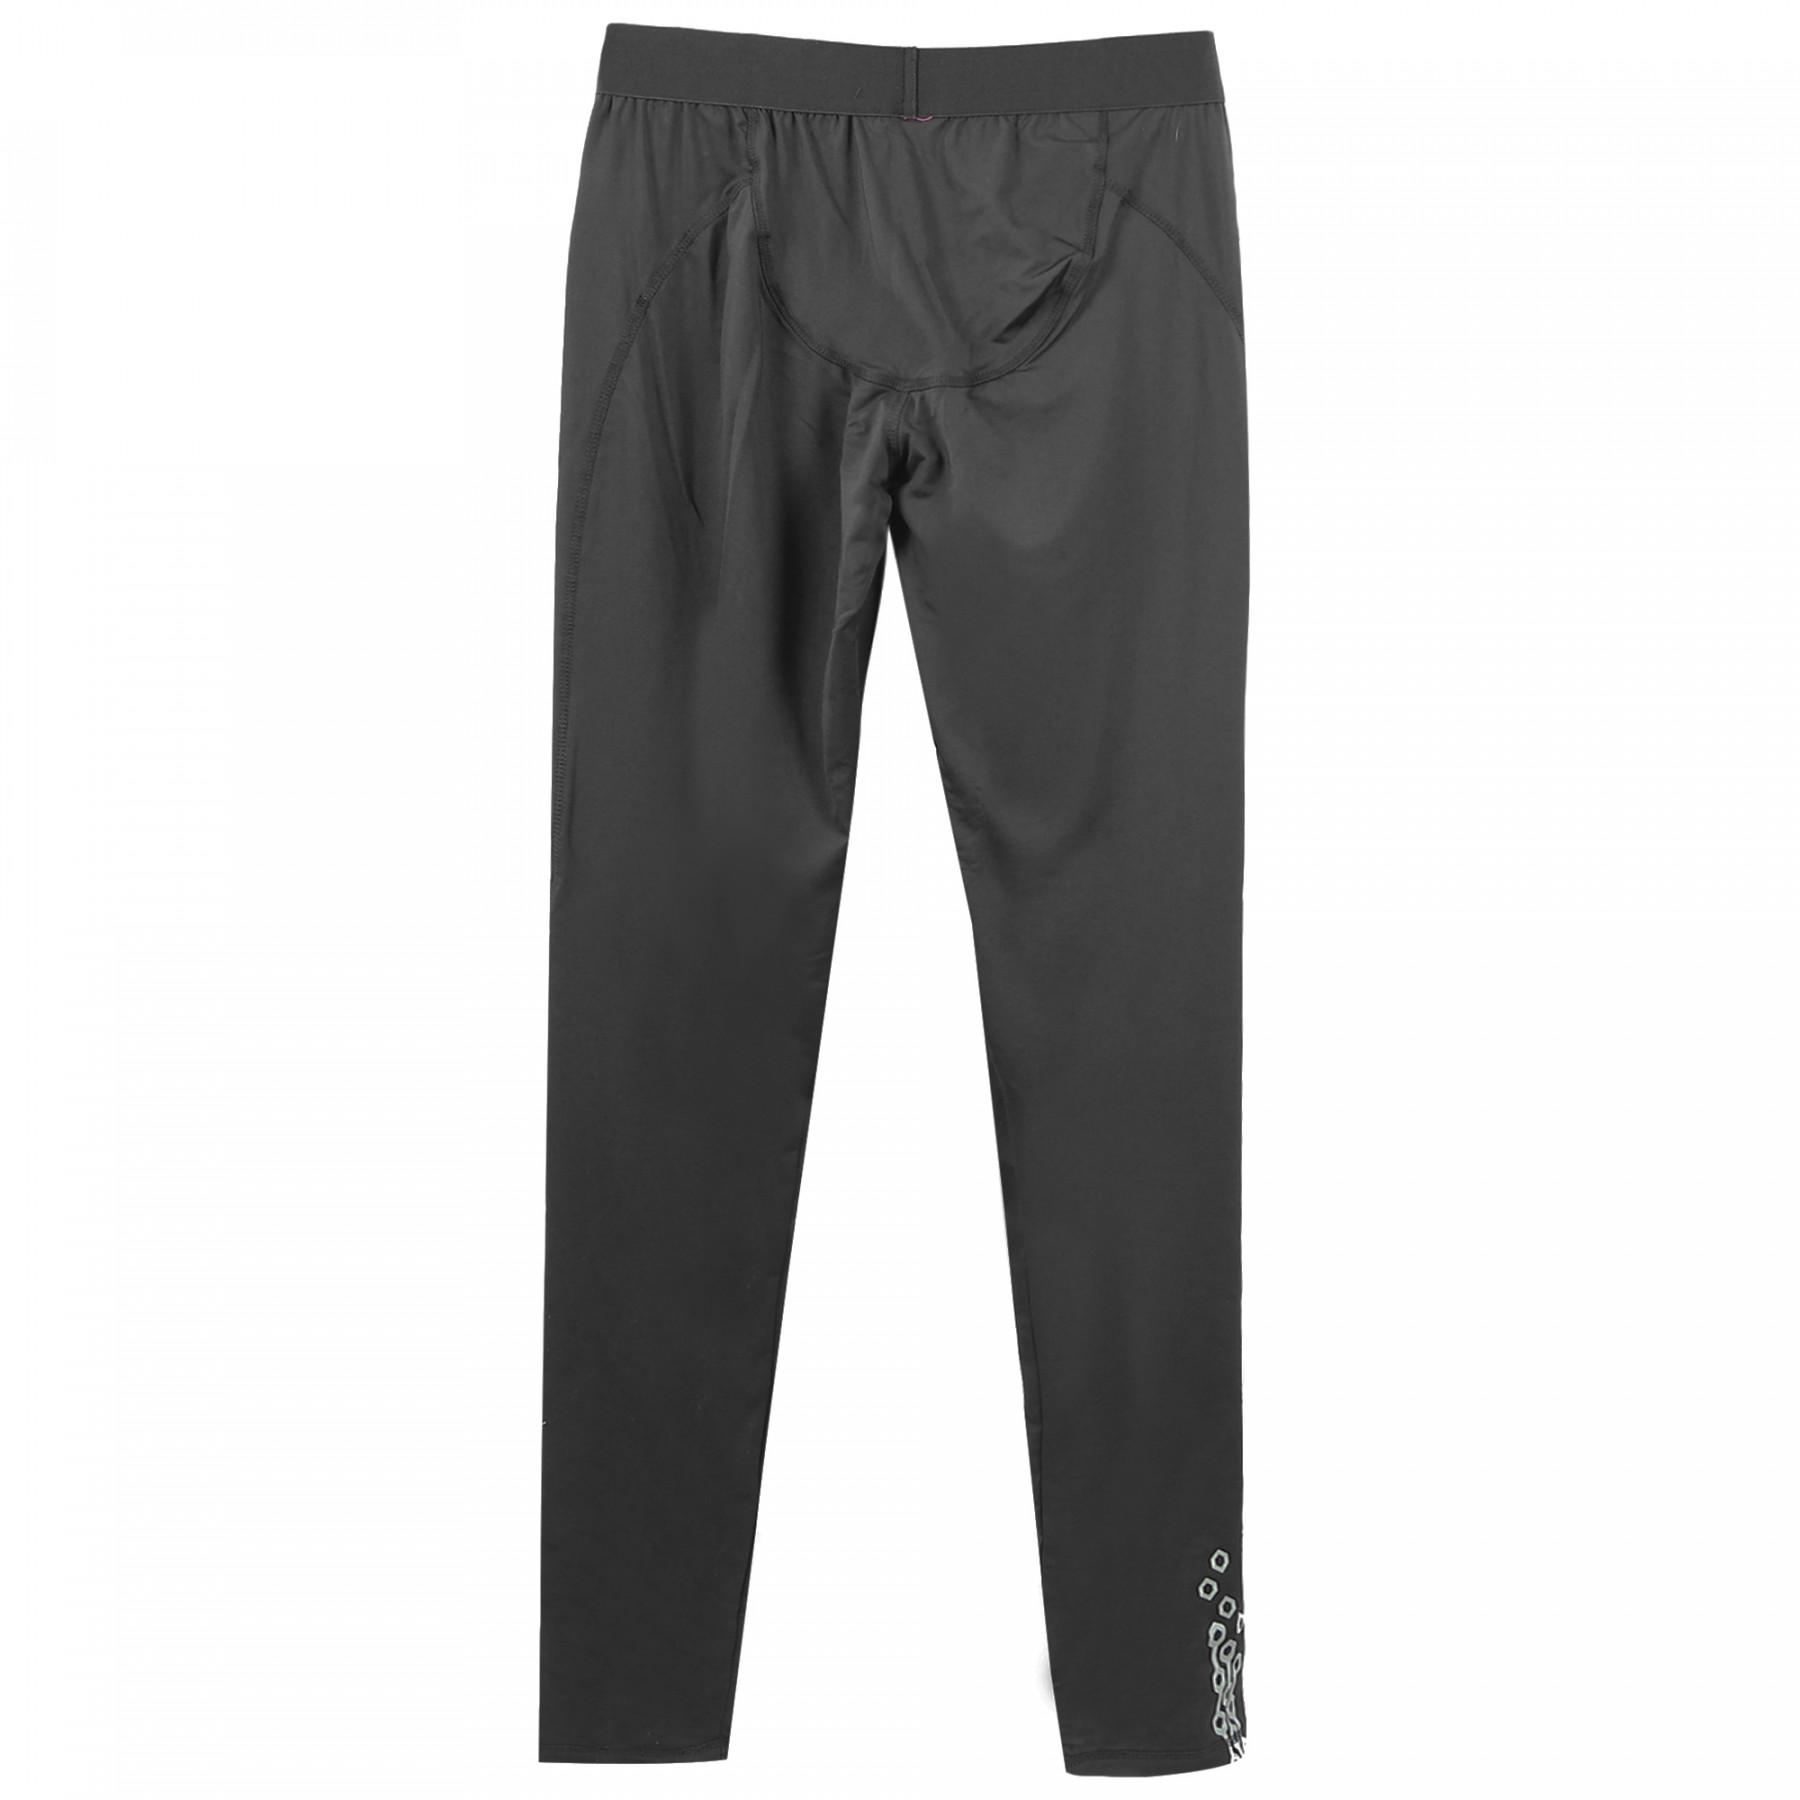 Warm Pants Collant Femme